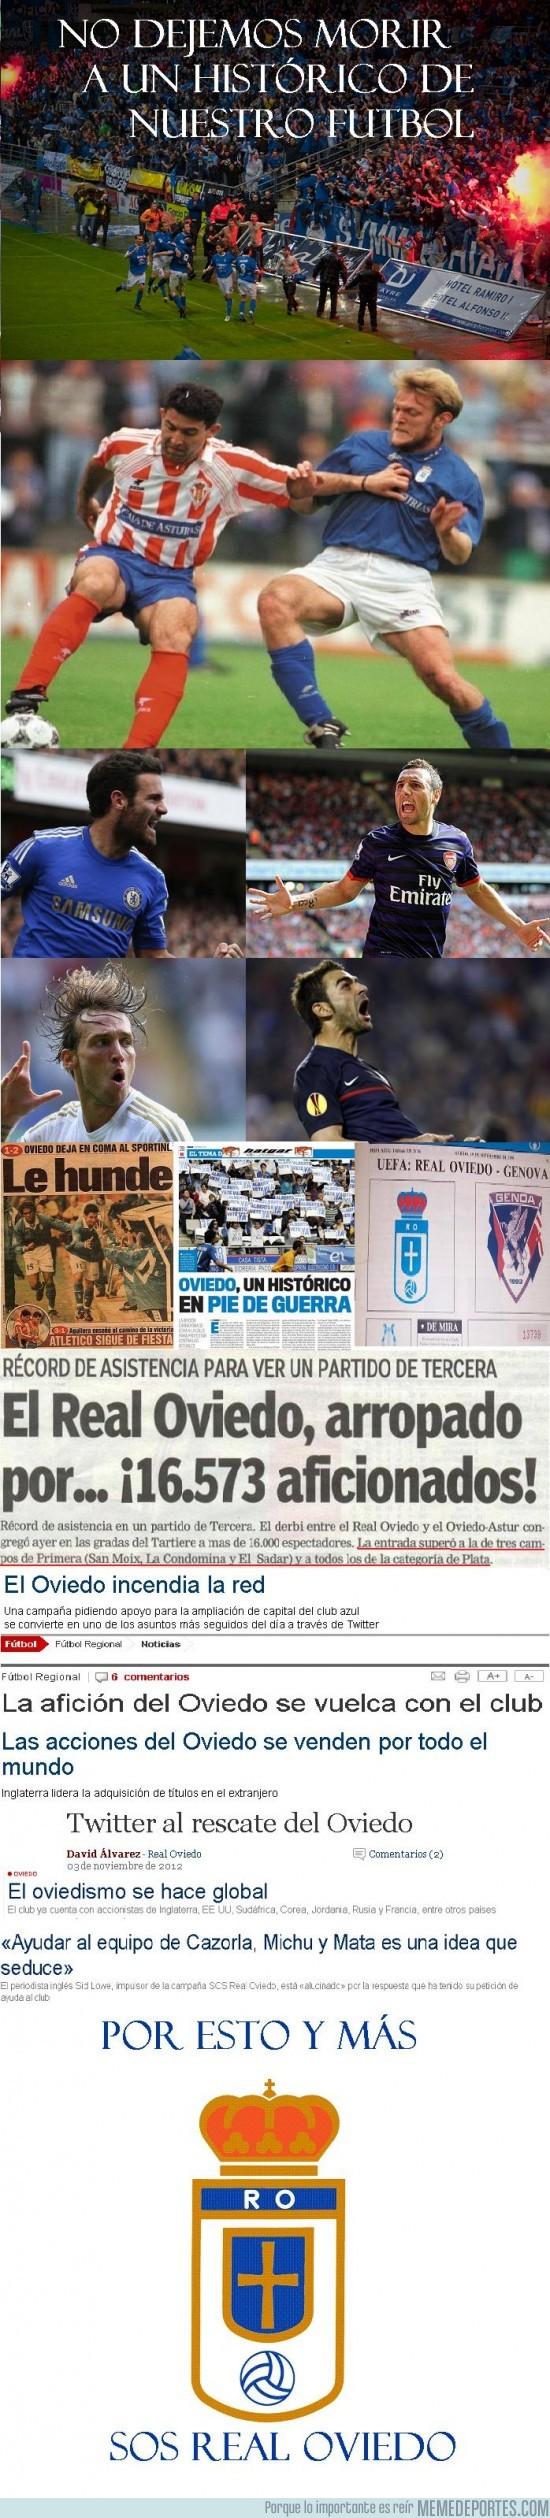 36334 - Salvemos al Real Oviedo